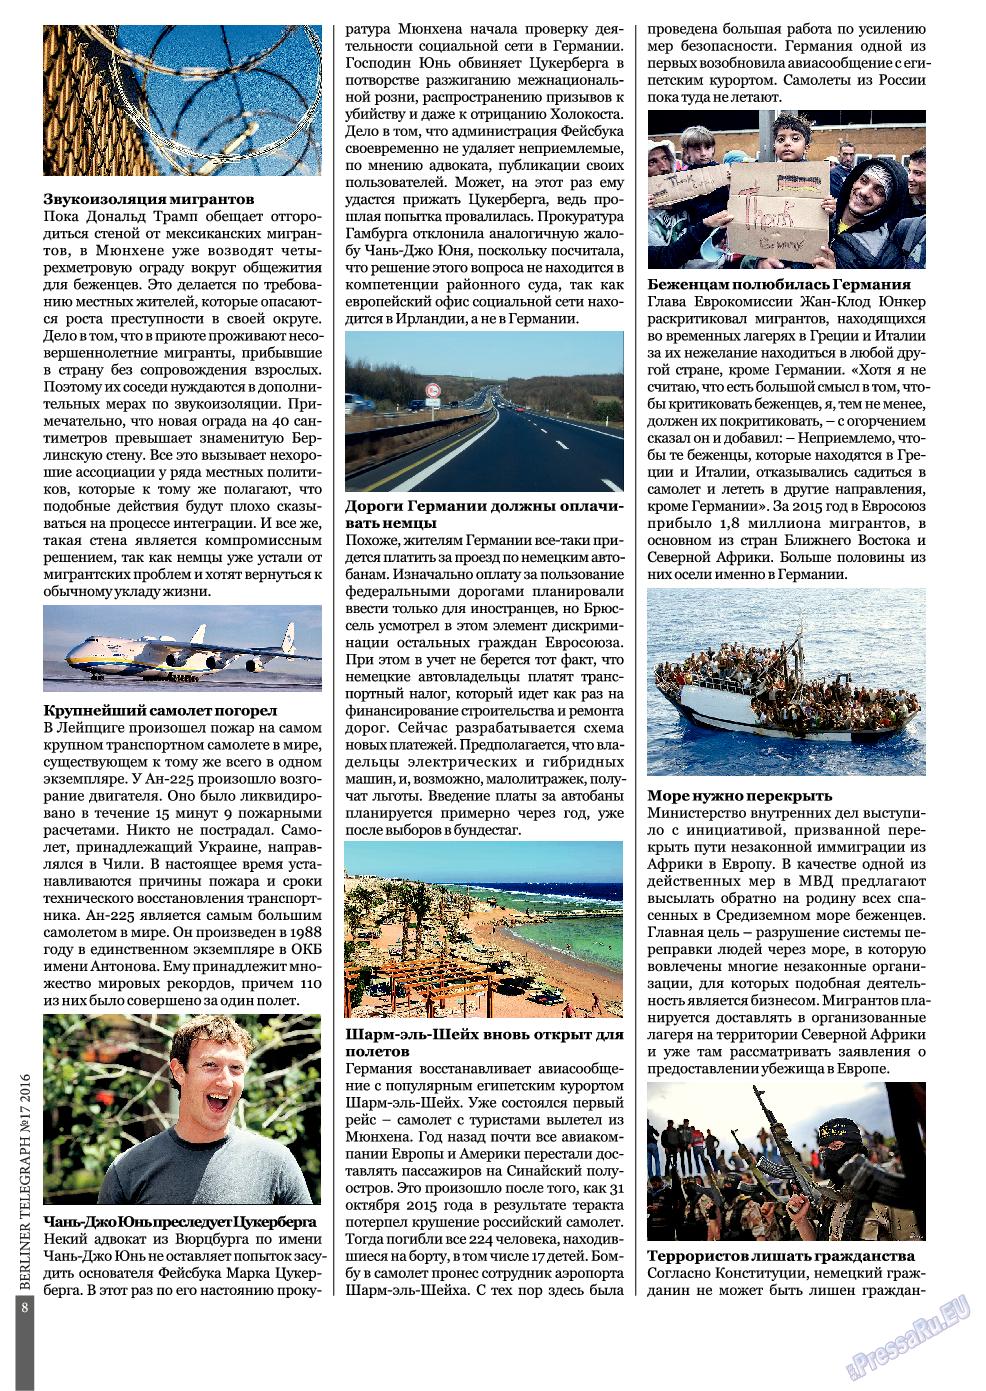 Берлинский телеграф (журнал). 2016 год, номер 17, стр. 8